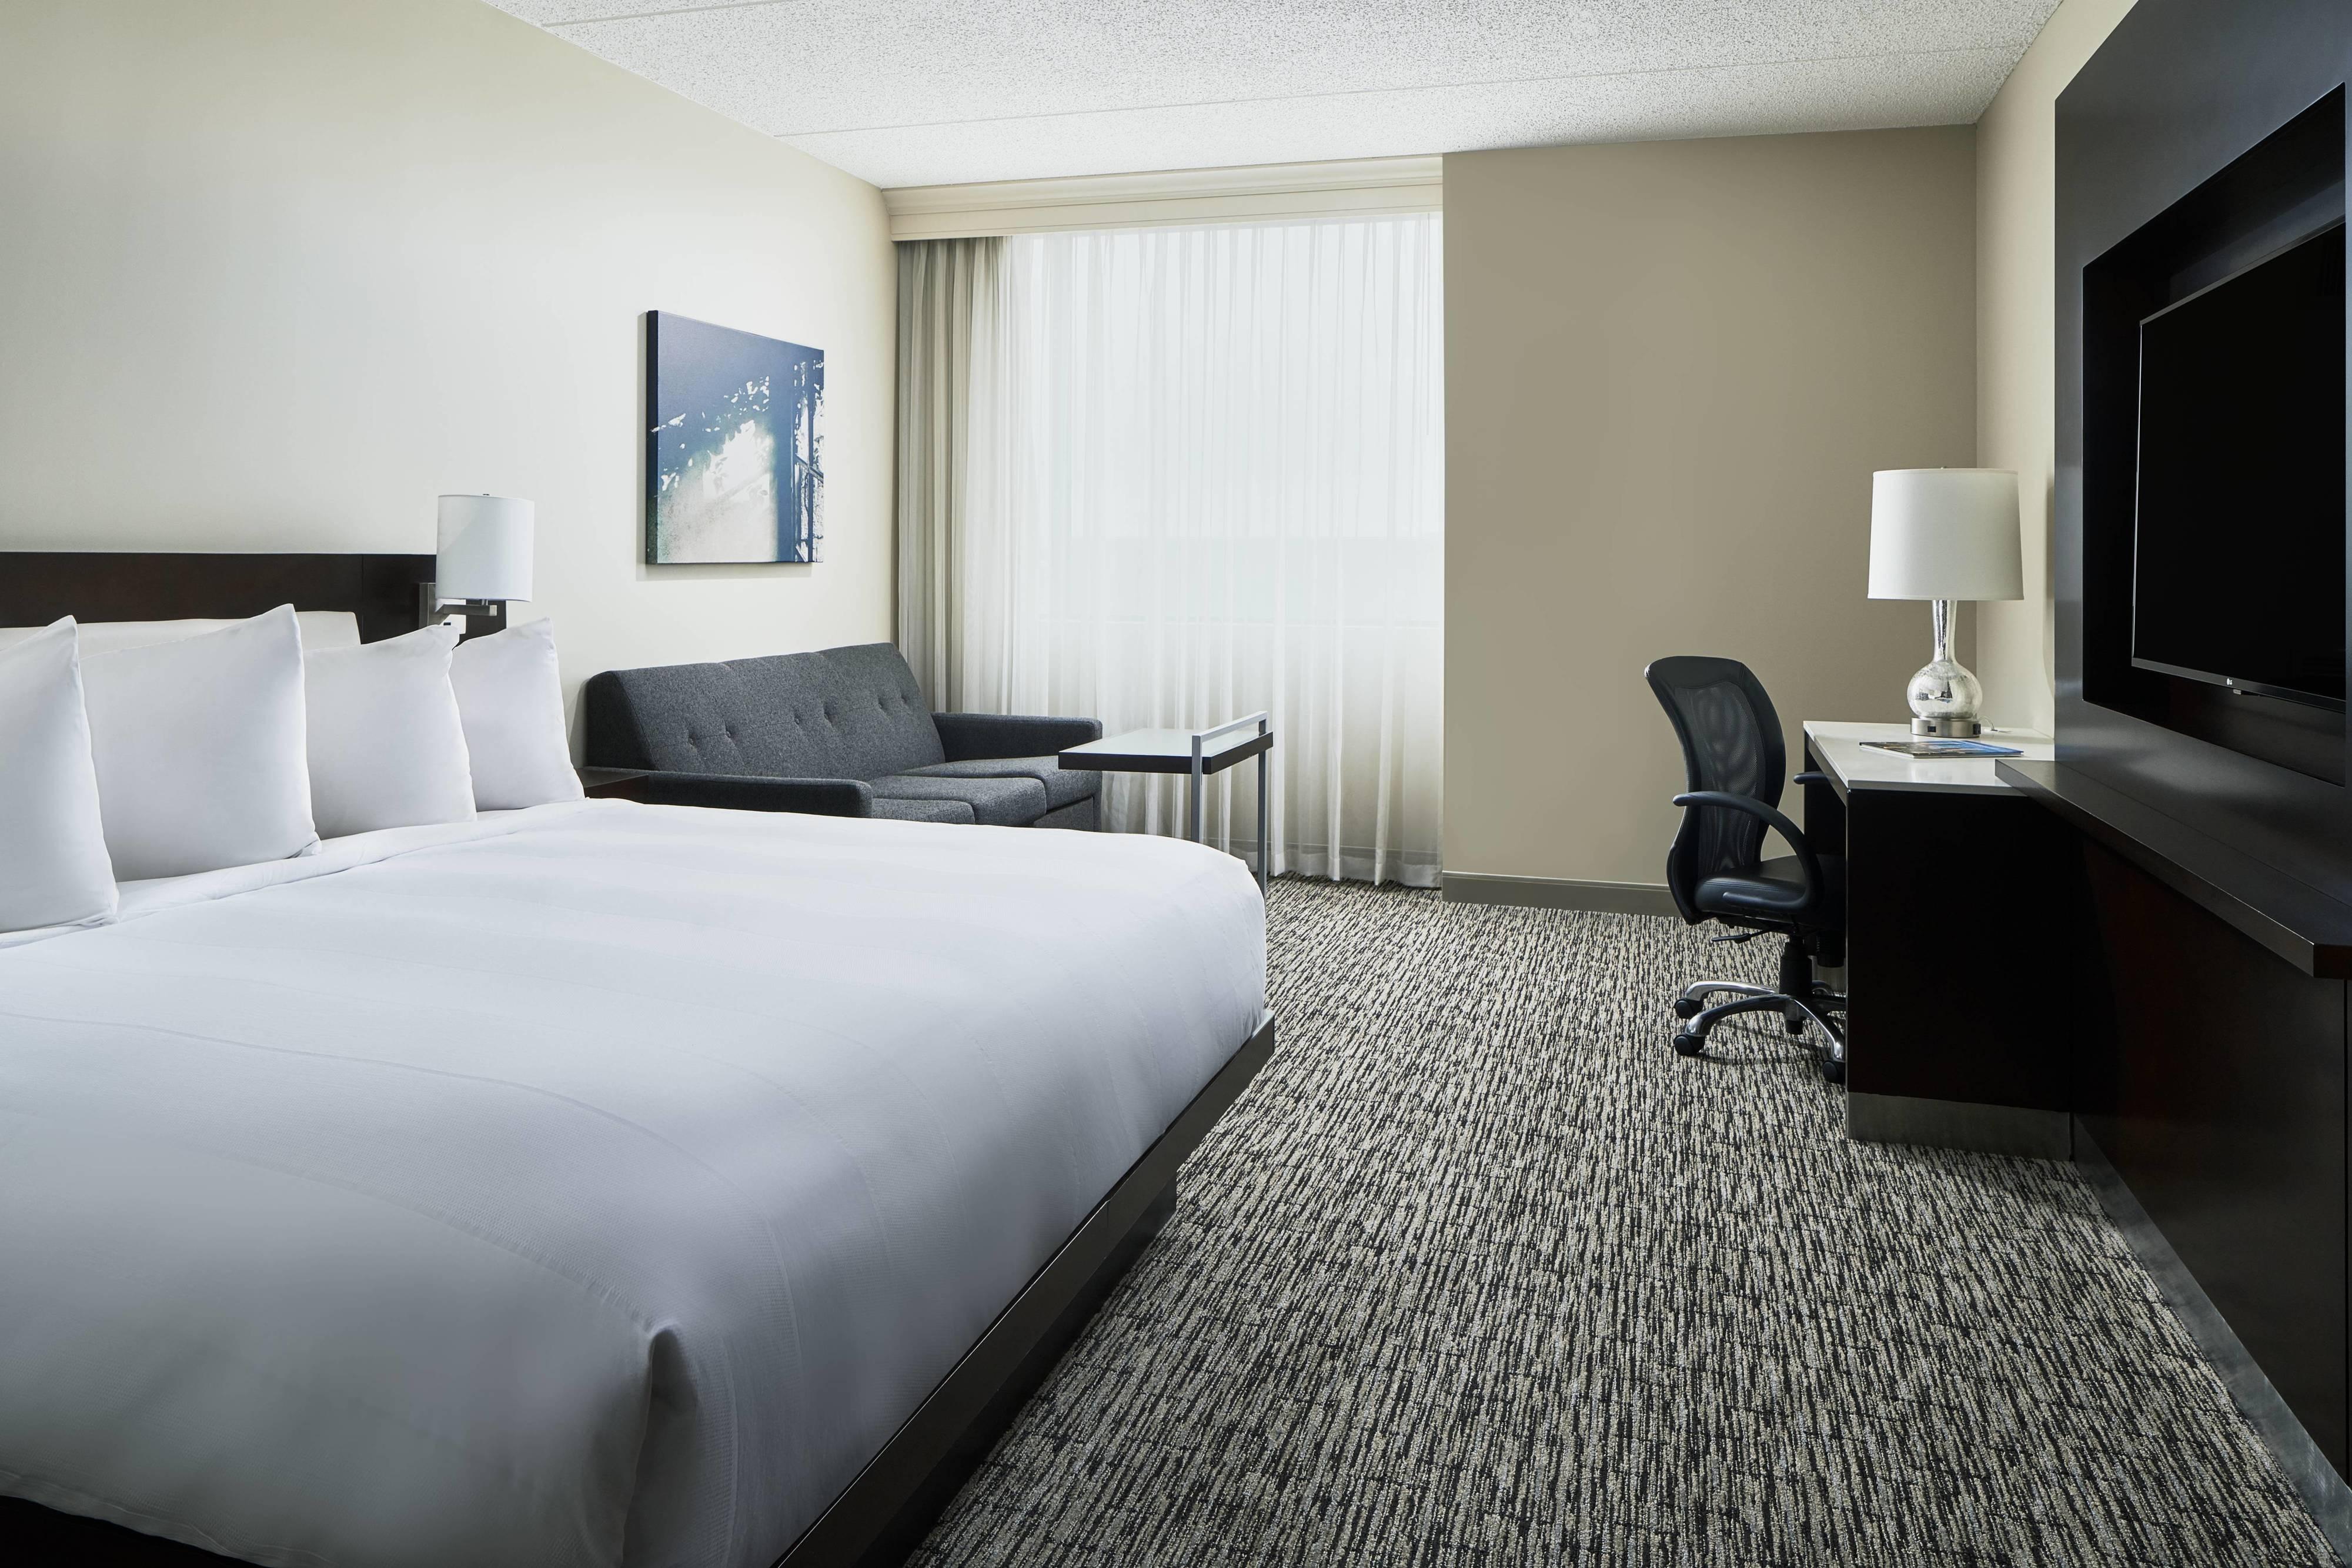 Chambre avec lit king size et canapé-lit